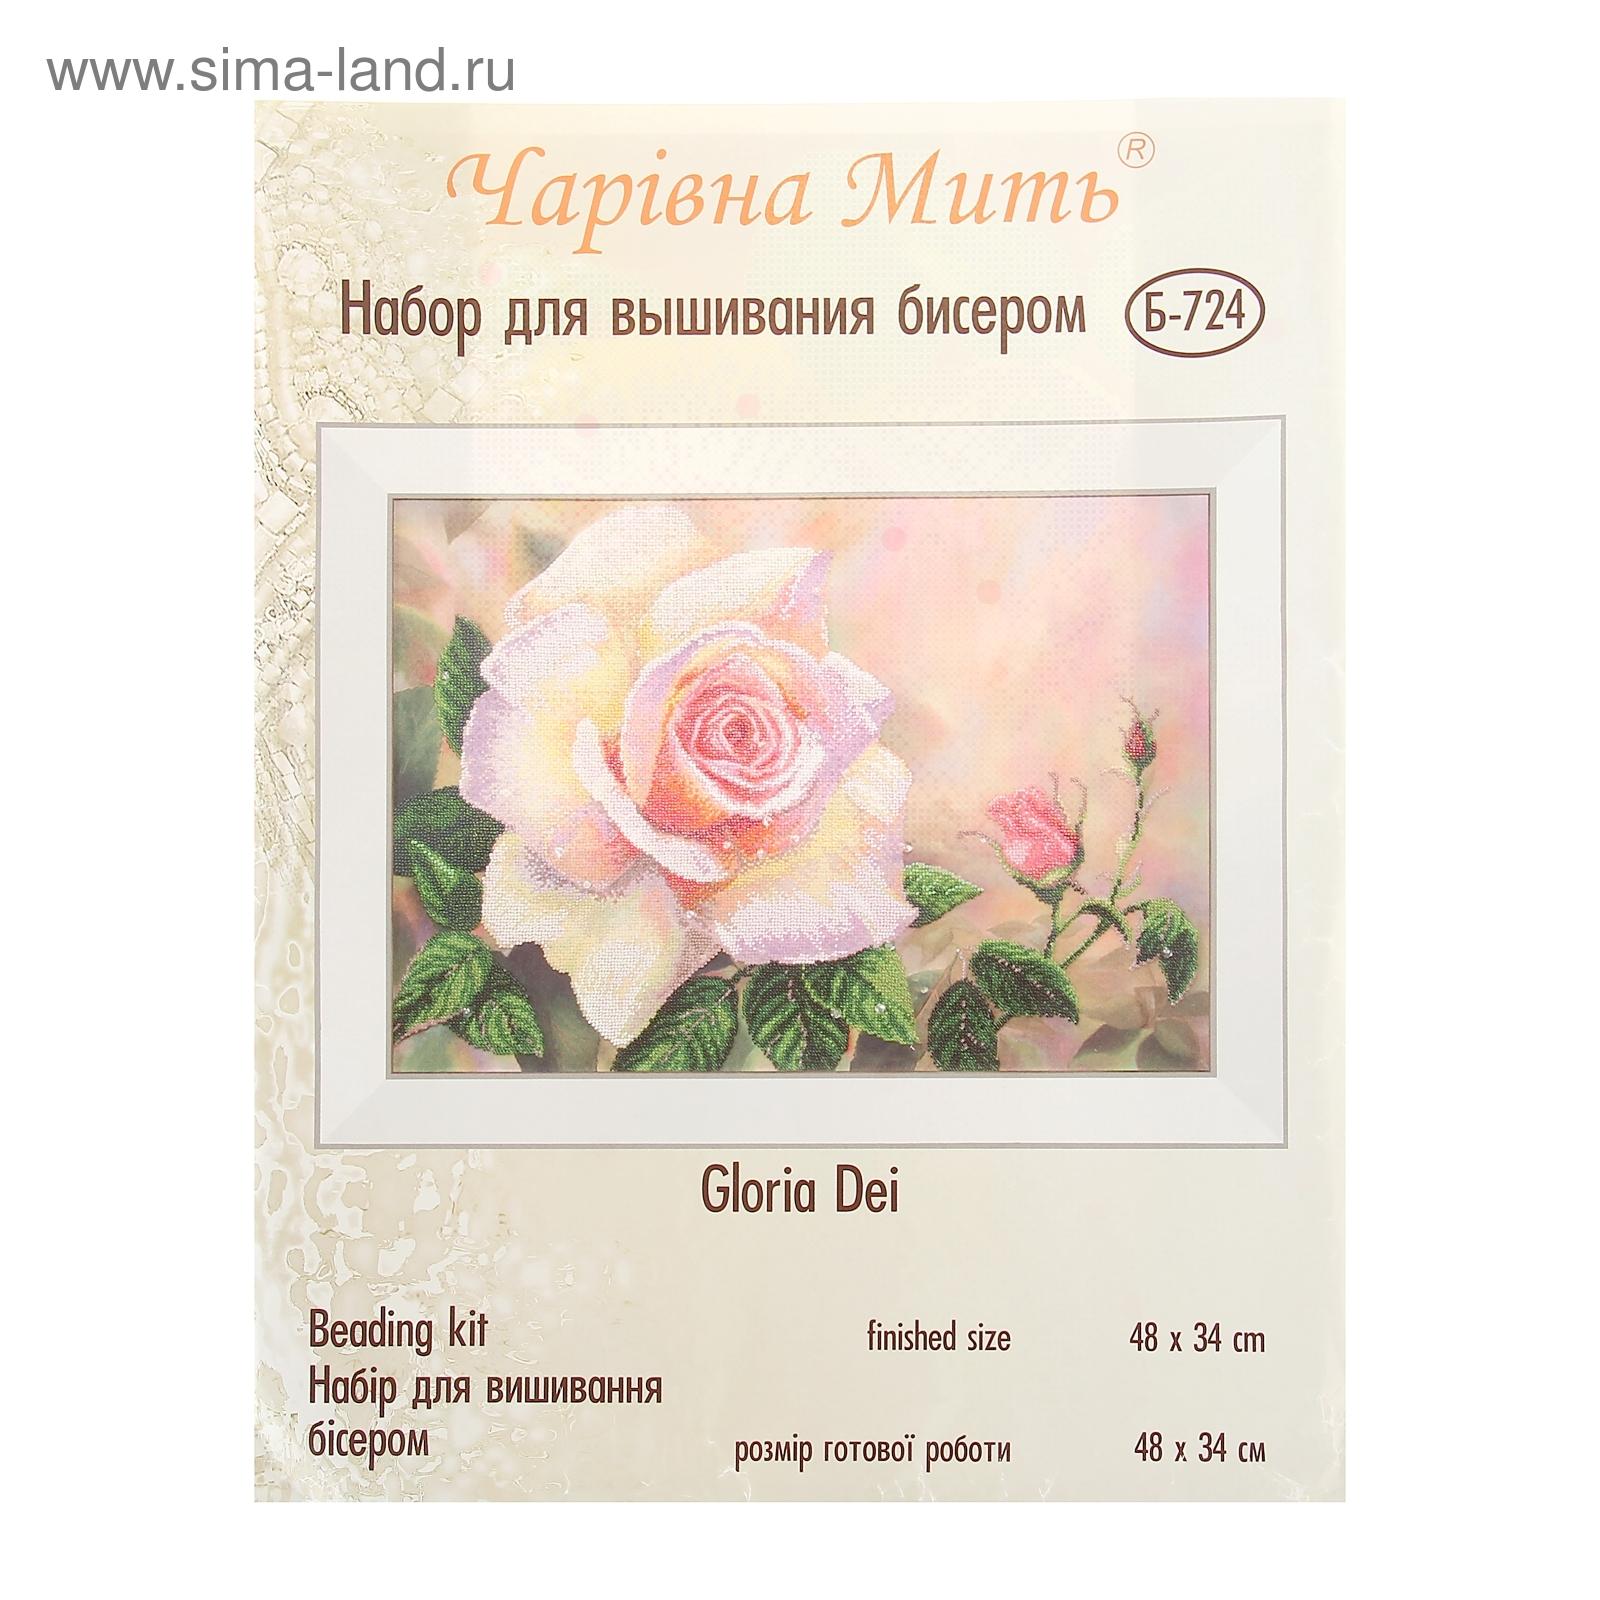 Набор для вышивания бисером Gloria Dei (1359892) - Купить по цене от ... f5c5e67ed87c3